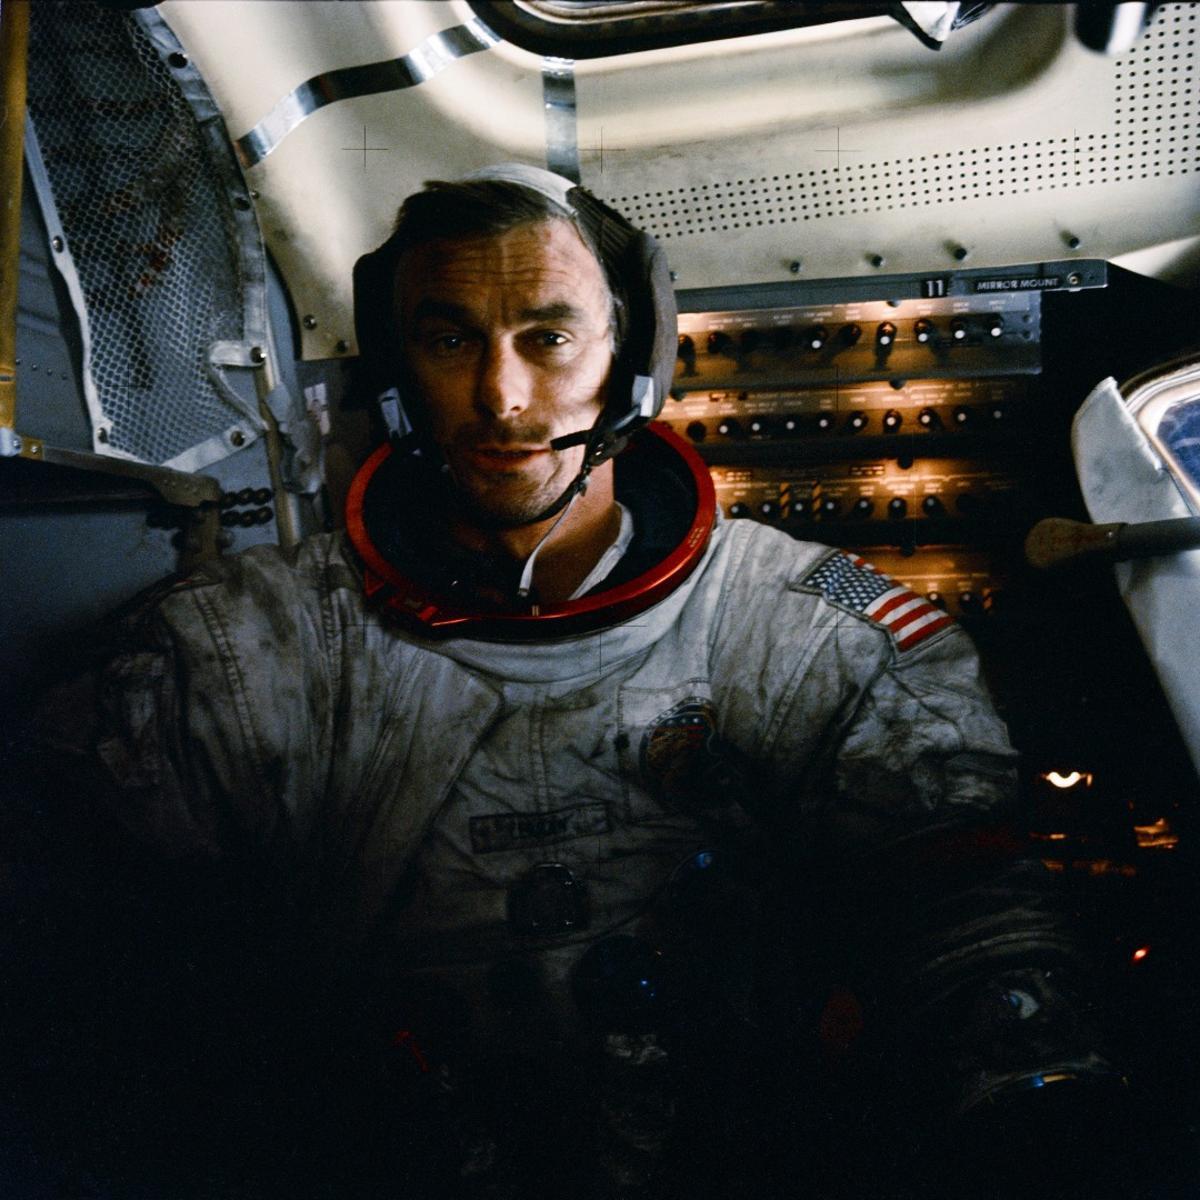 Captain Cernan was the Commander of Apollo 17